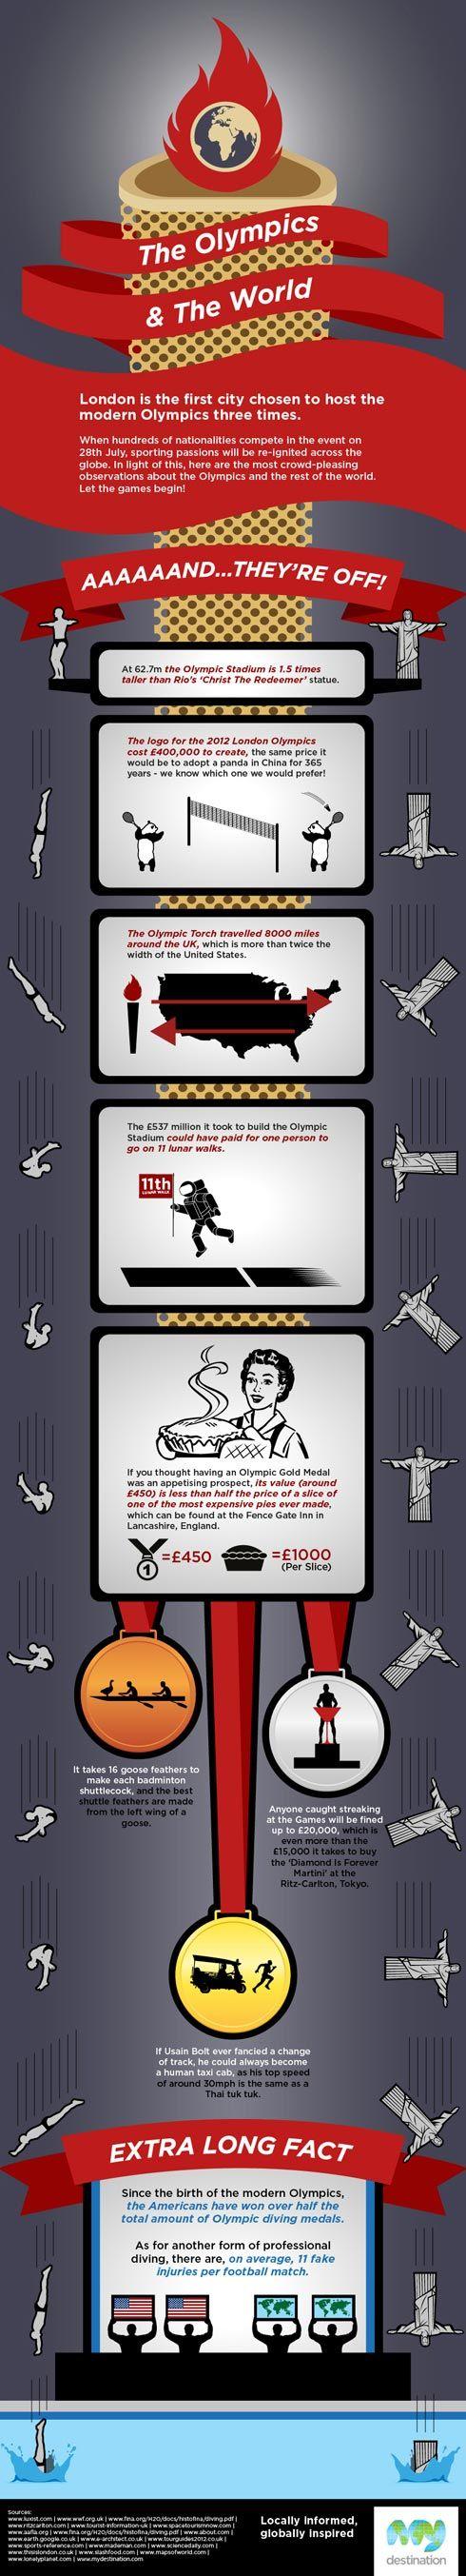 London Olympics Interesting Facts | Olympics | Olympics